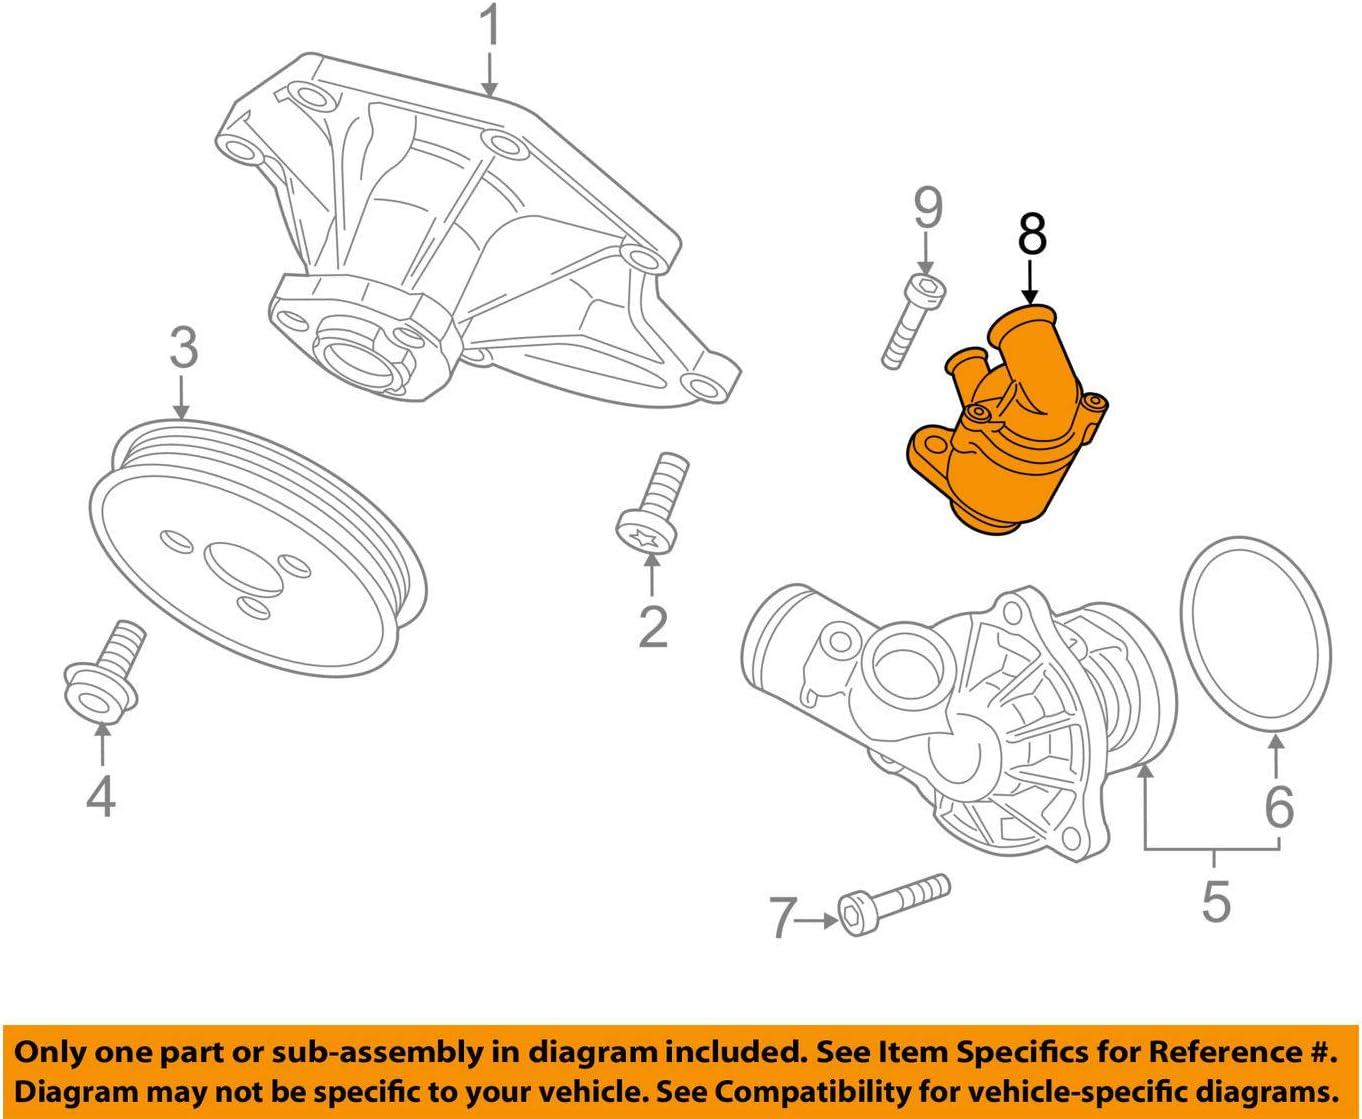 [QNCB_7524]  Amazon.com: Volkswagen VW OEM 11-12 Touareg-Engine Coolant Thermostat  059122111D: Automotive | Vw 1500 Engine Diagram |  | Amazon.com